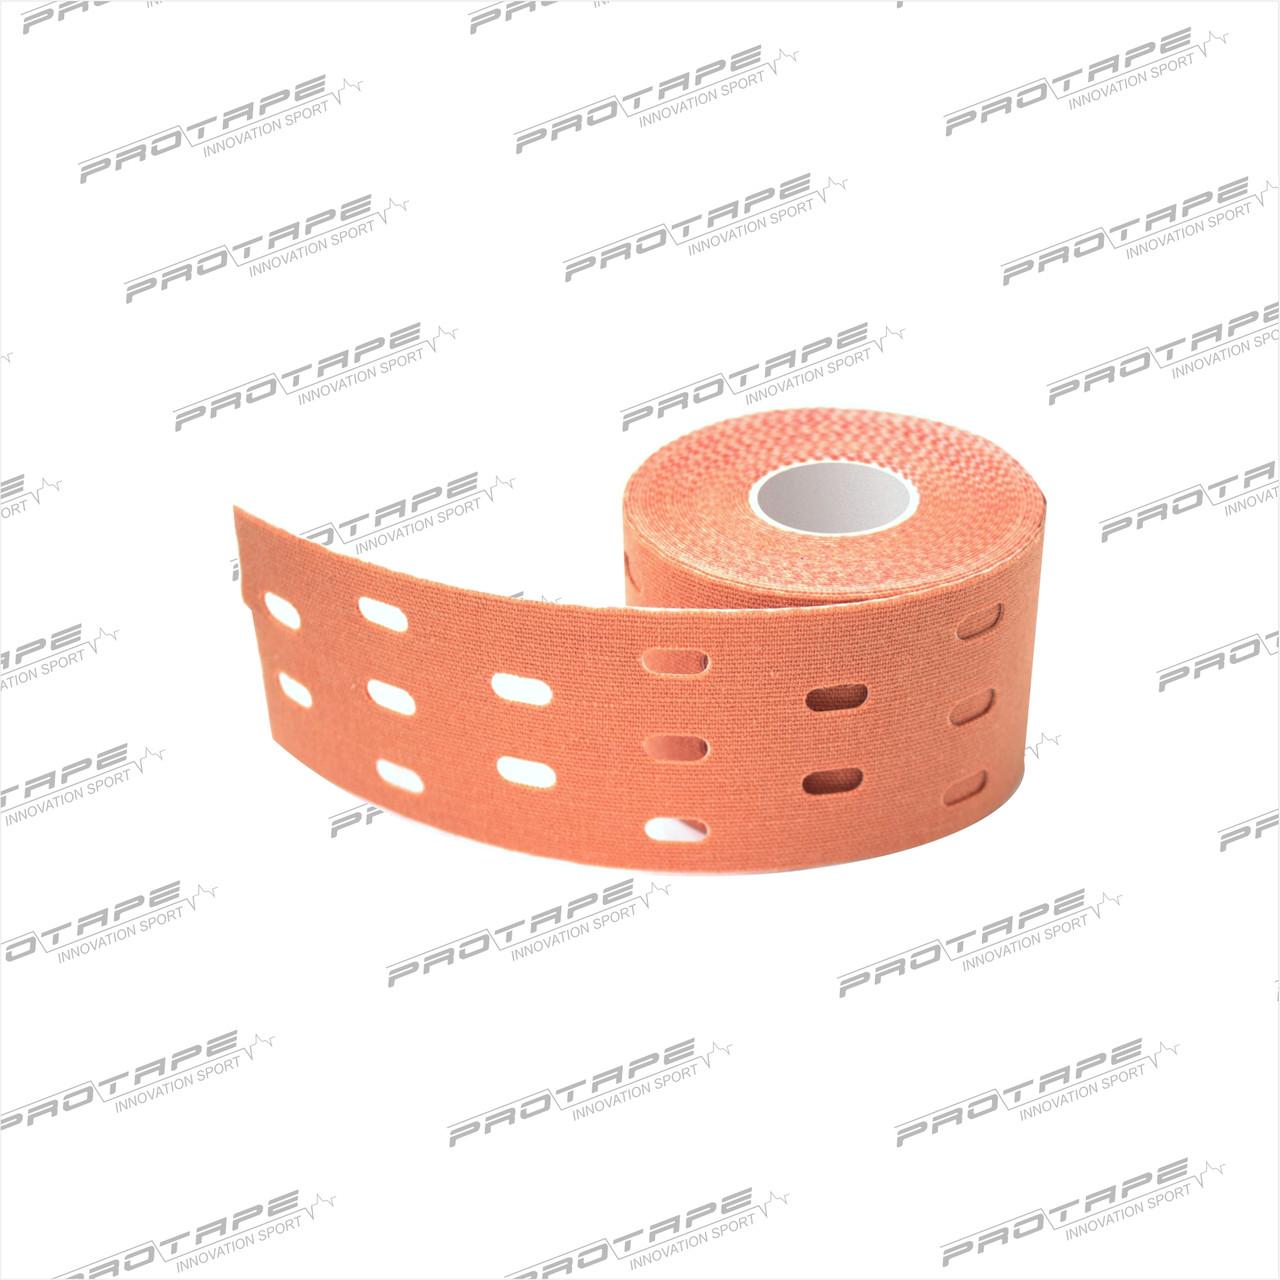 Кинезиологическая лента GSP CARE Kinesiology Tape 5см х 5м бежевый перфорированный